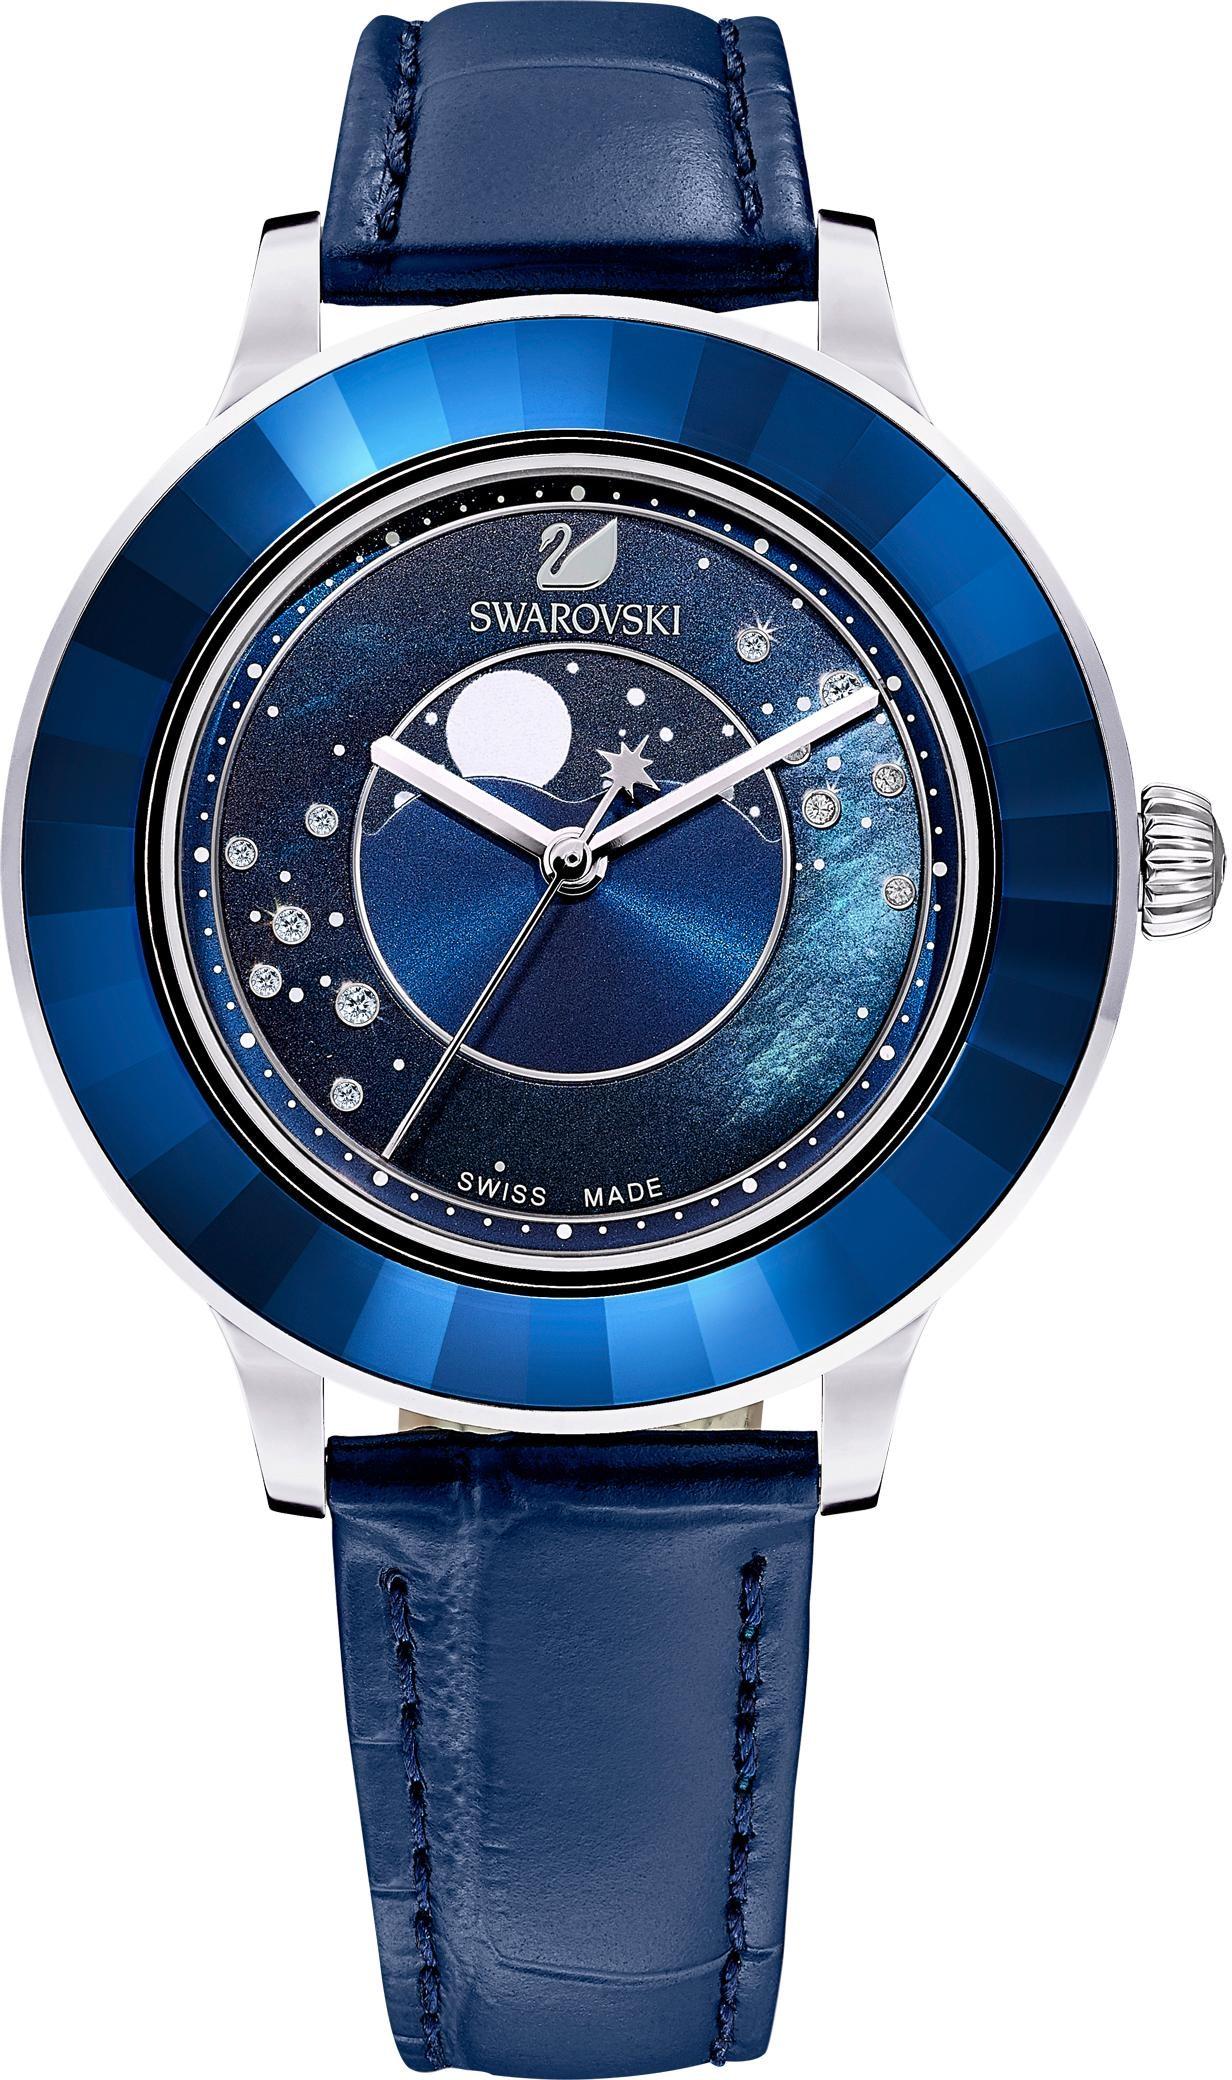 Swarovski Schweizer Uhr OCTEA LUX MOON LS 5516305 | Uhren > Schweizer Uhren | Swarovski